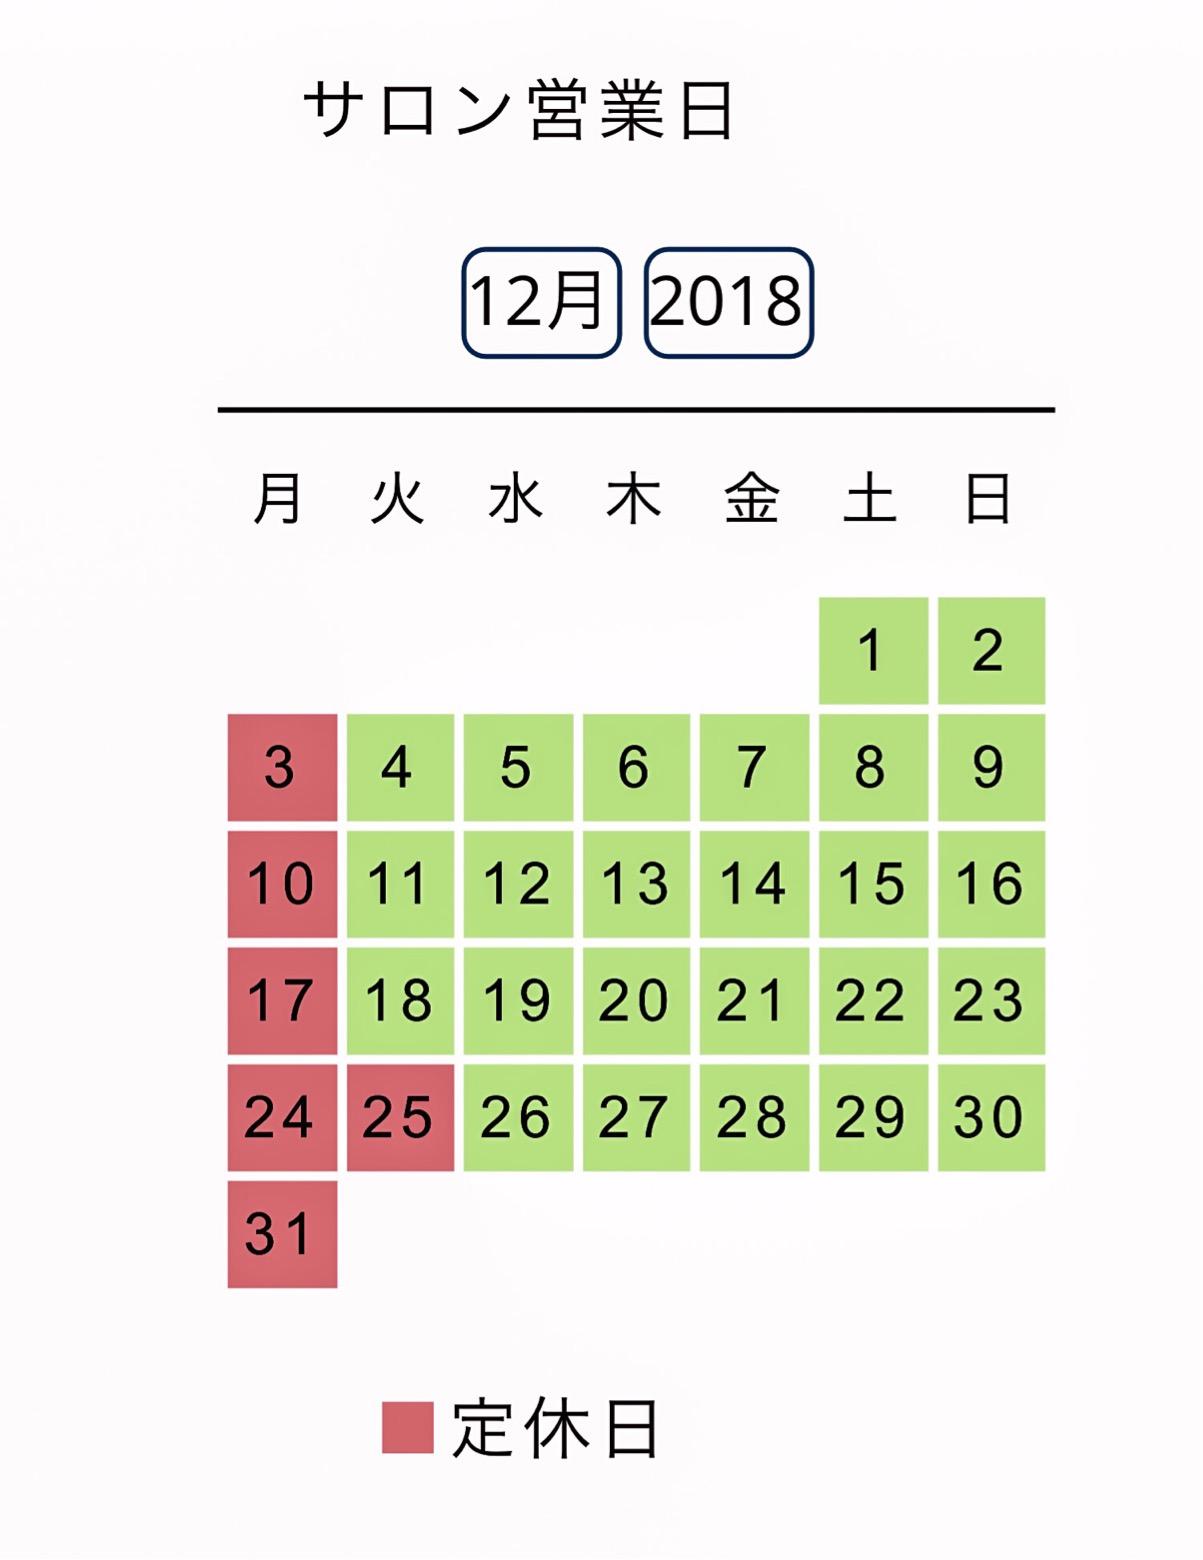 44E01D55-8BC2-470B-B306-CC904E62ACEE